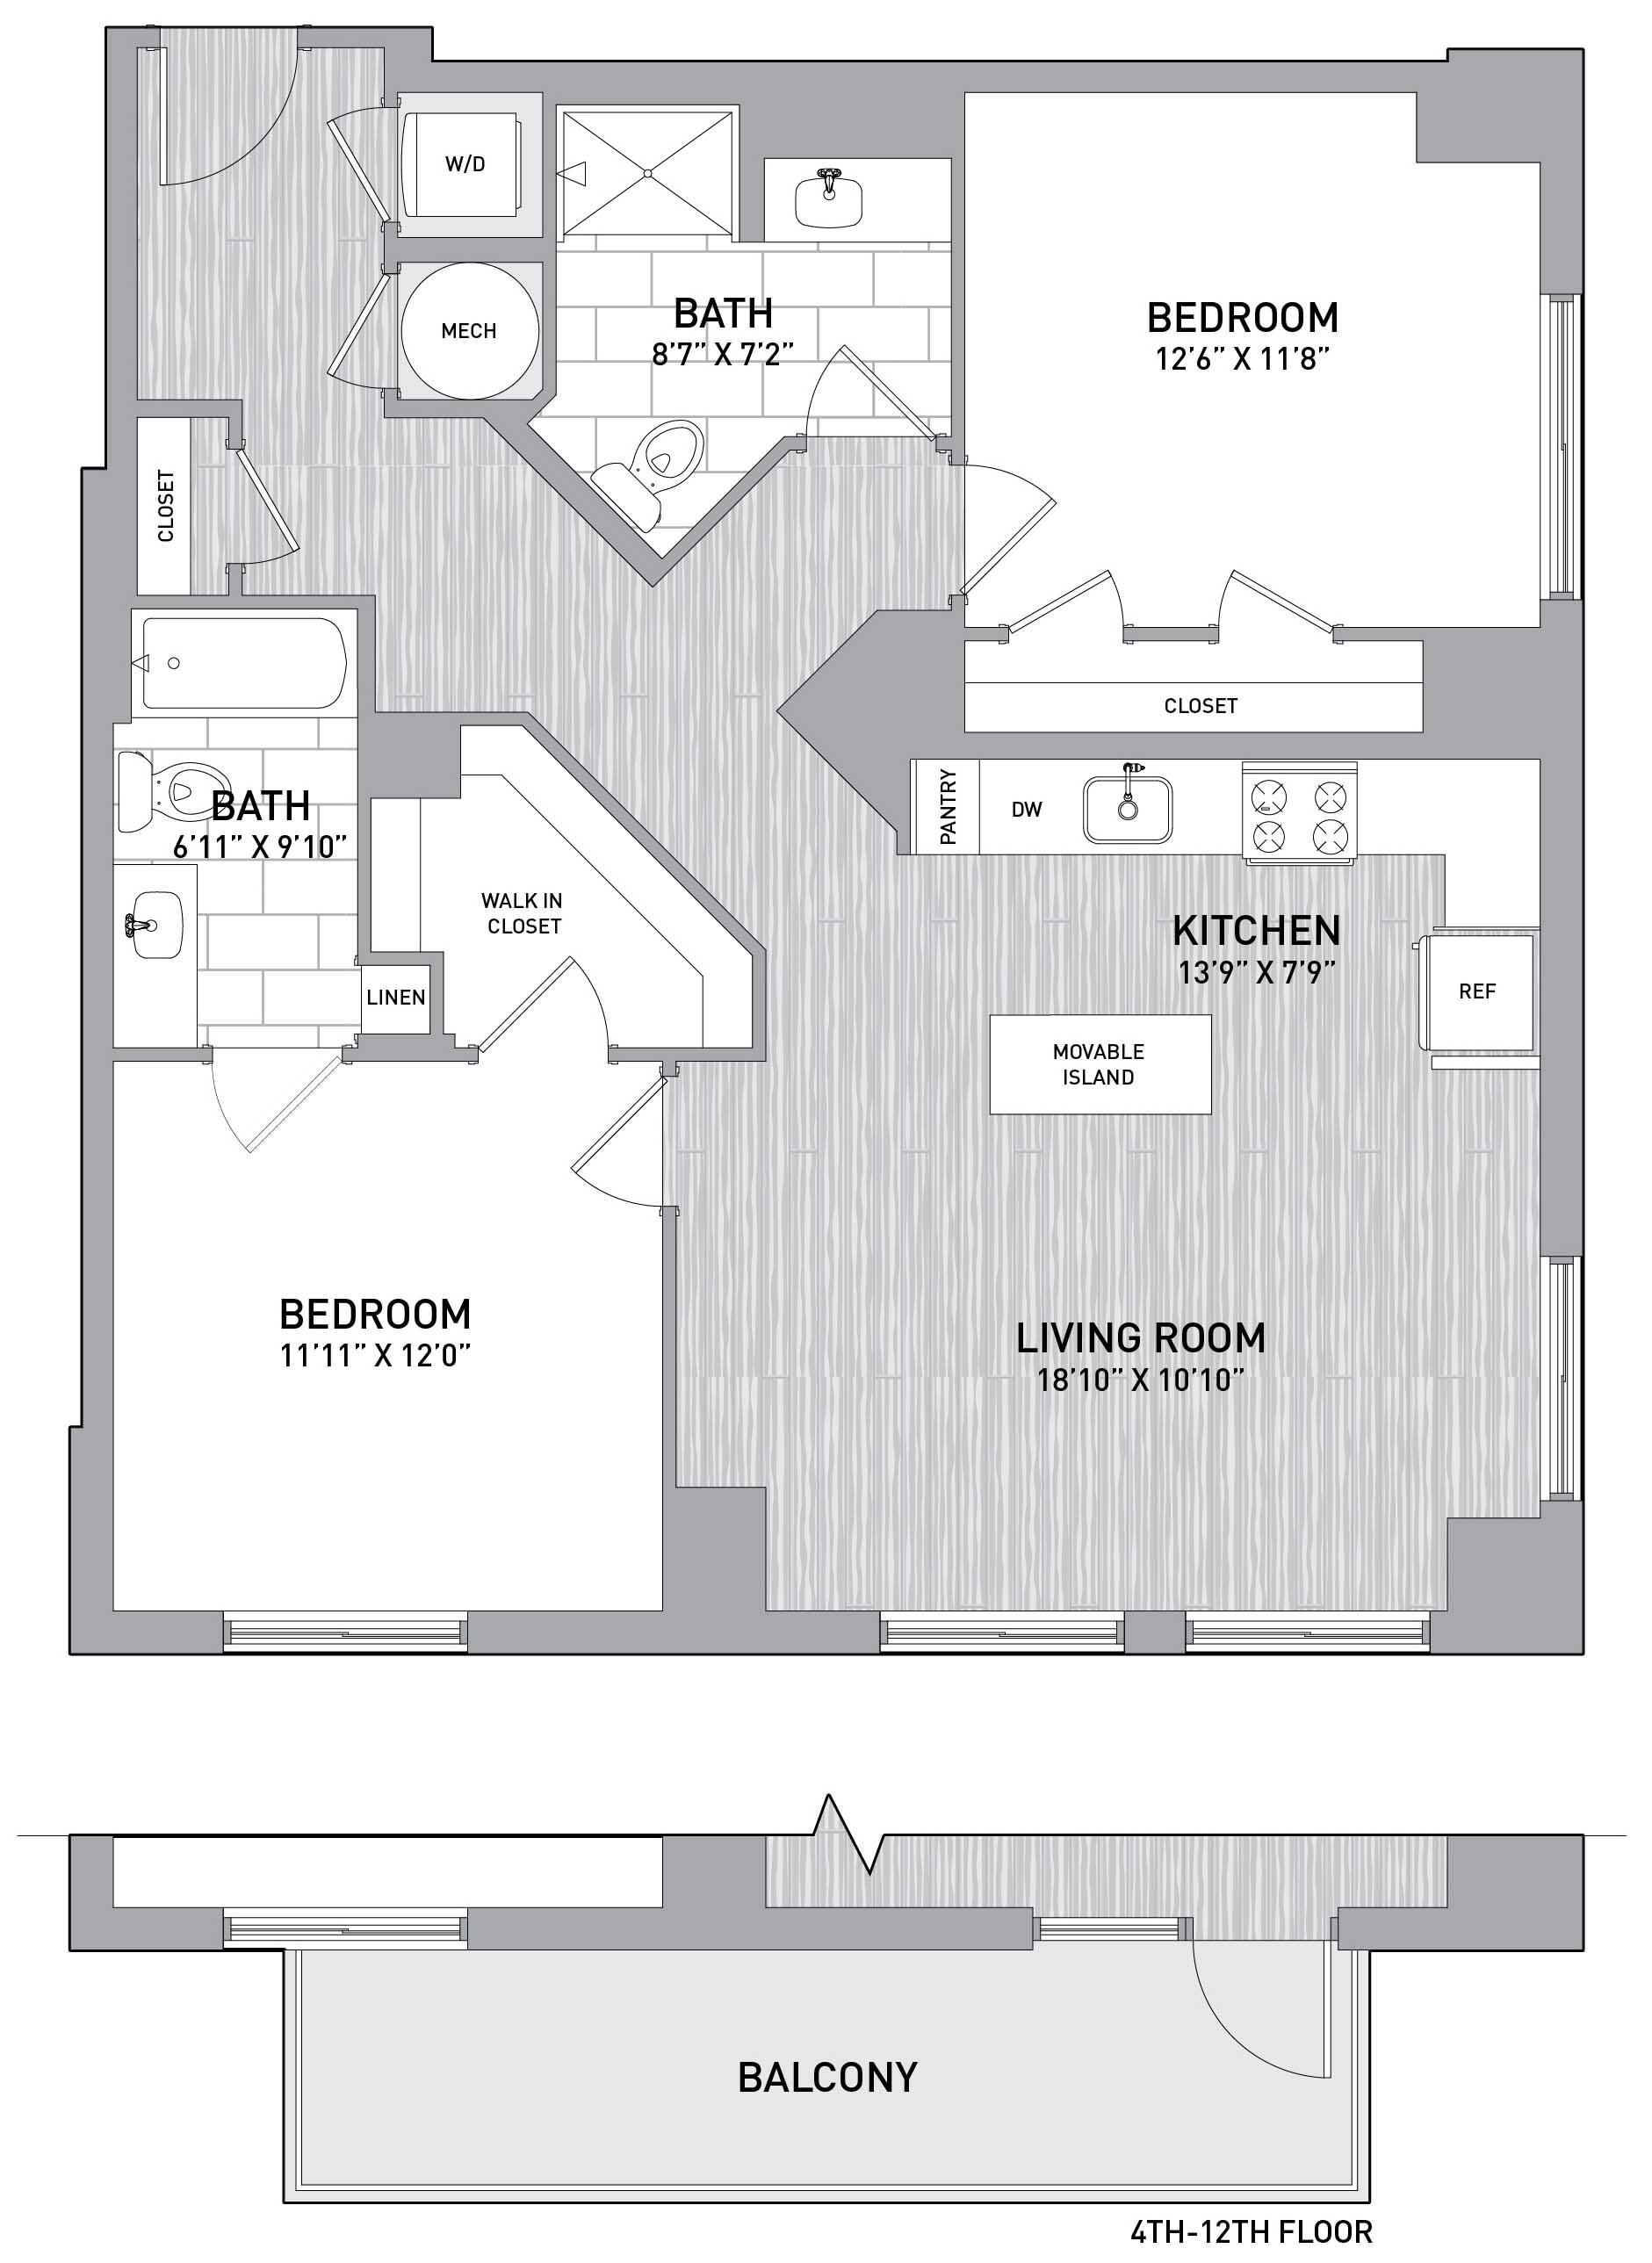 Floorplan Image of unit 151-0411